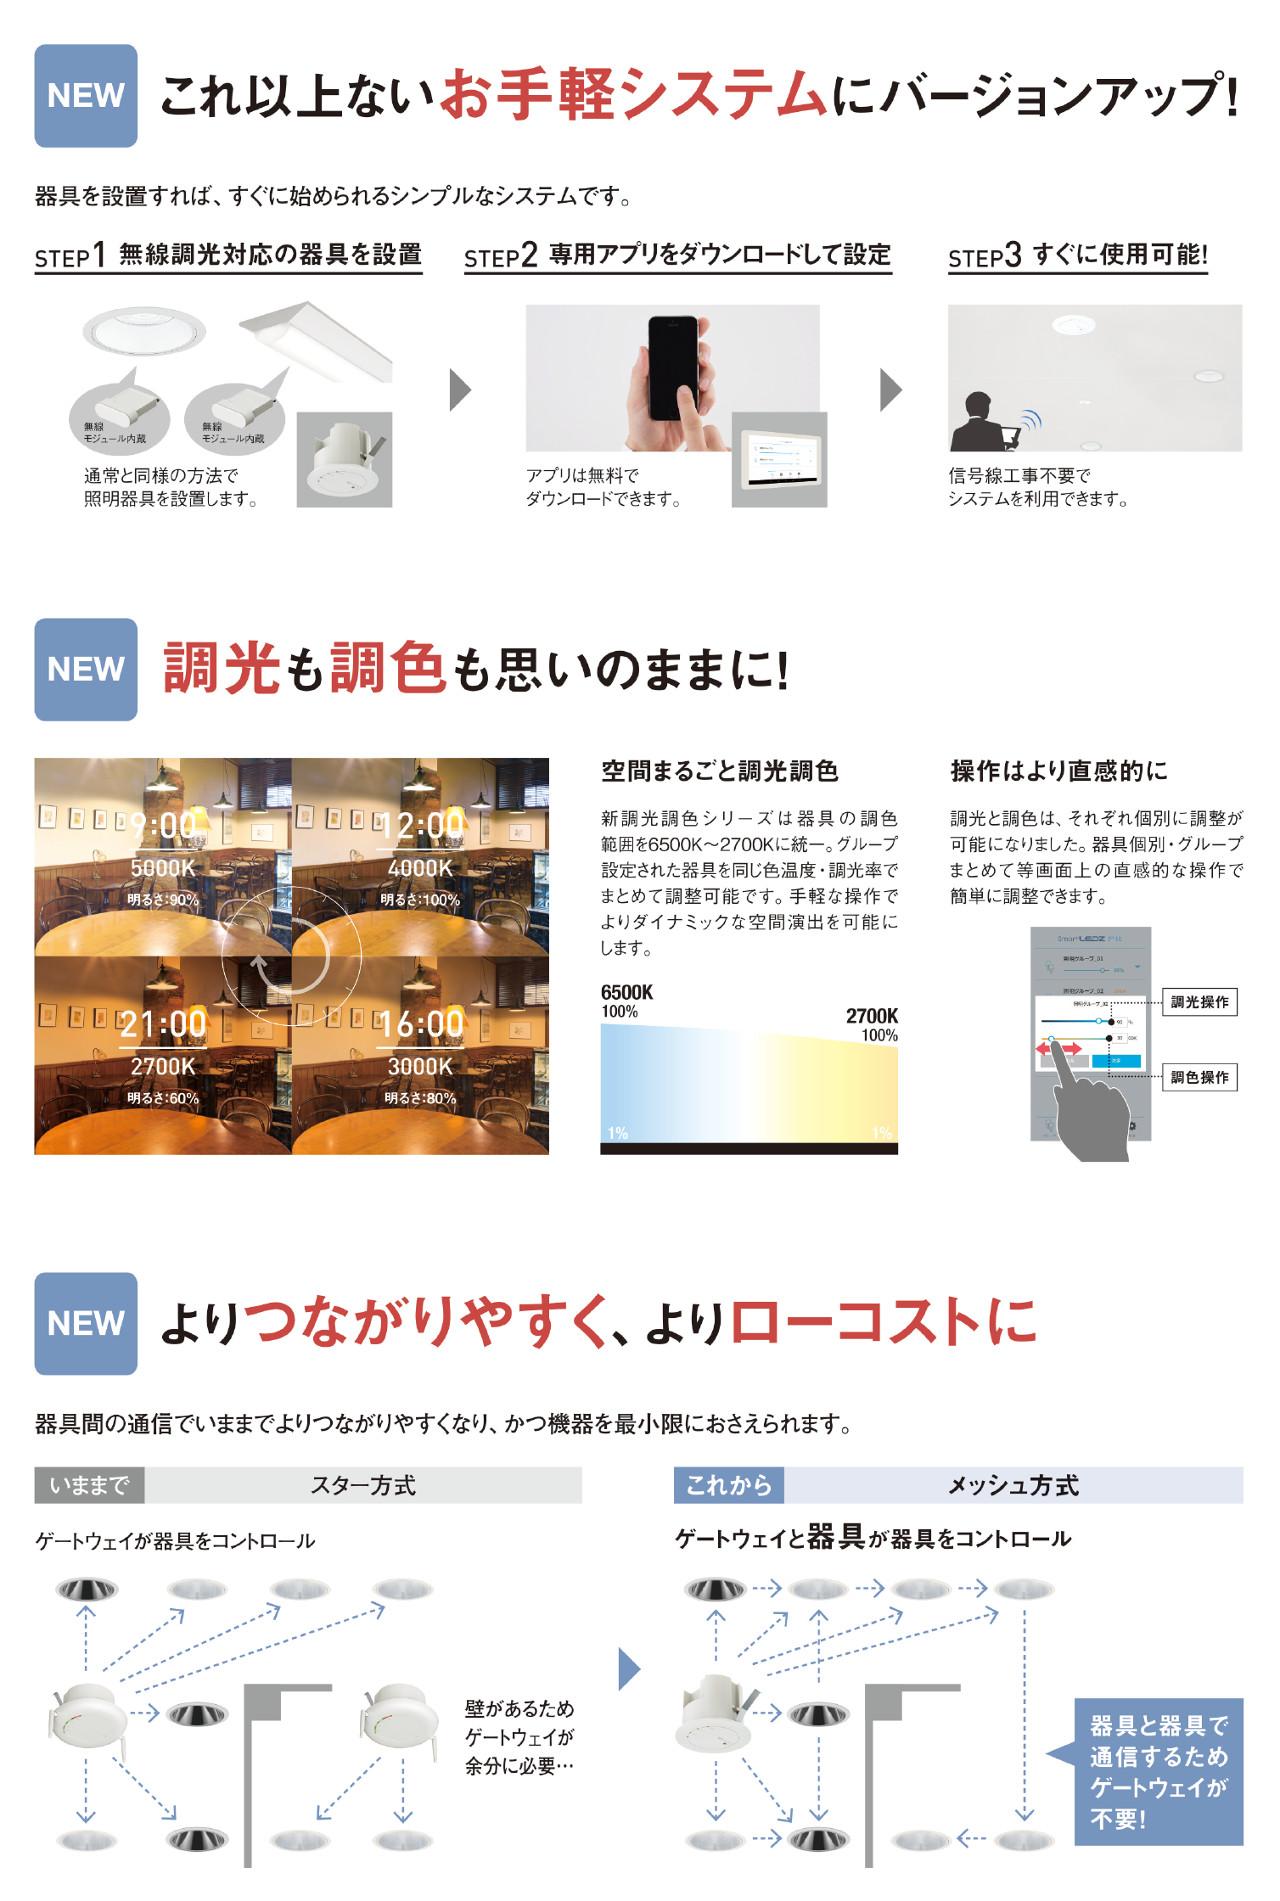 無線調光システム「Smart LEDZ」3つの進化